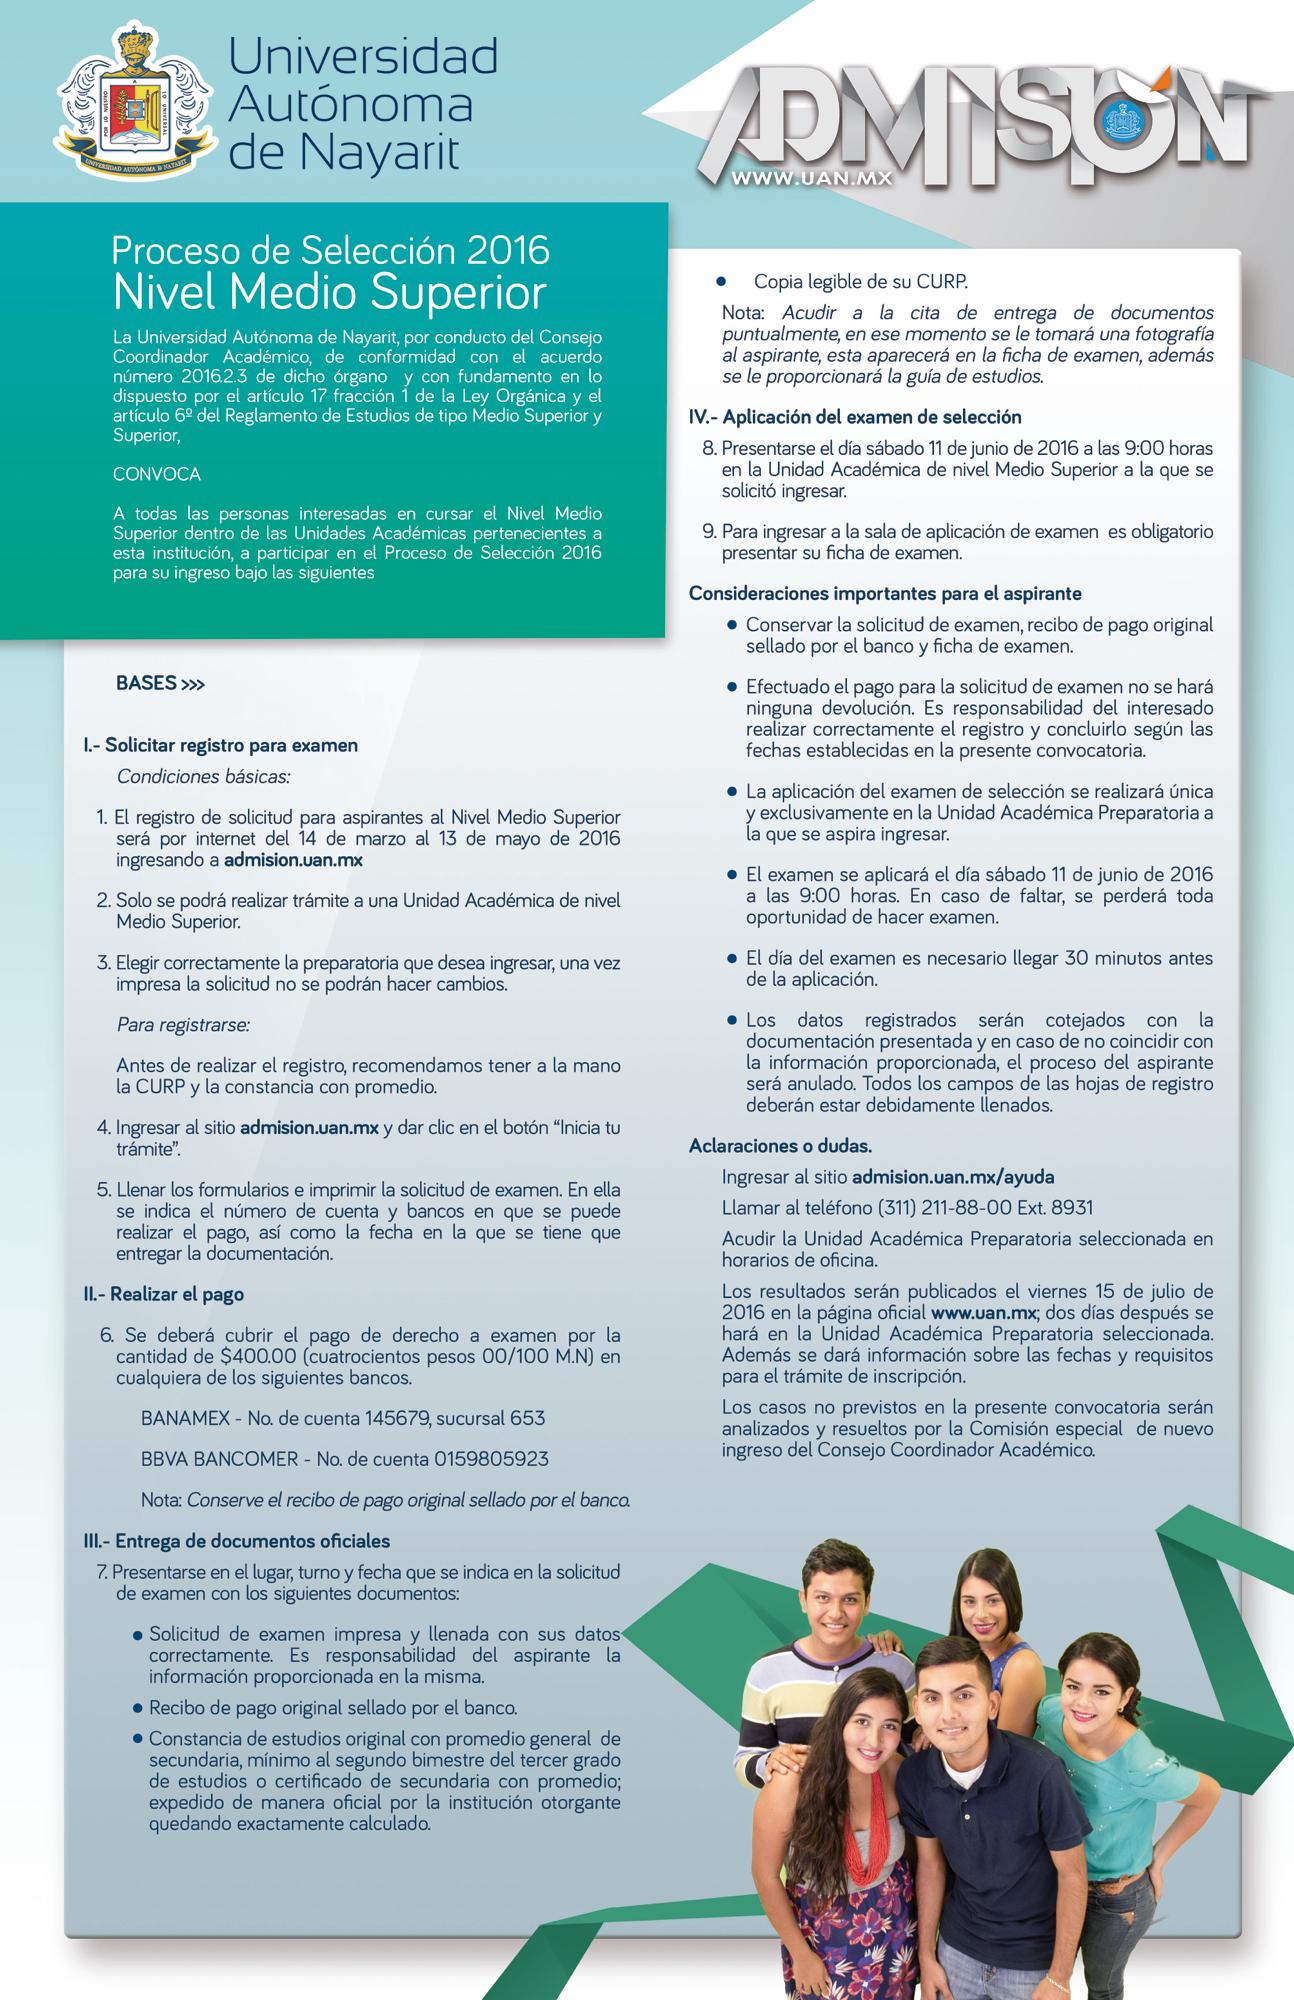 Convocatorias proceso de admisi n 2016 for Convocatorias para profesores 2016